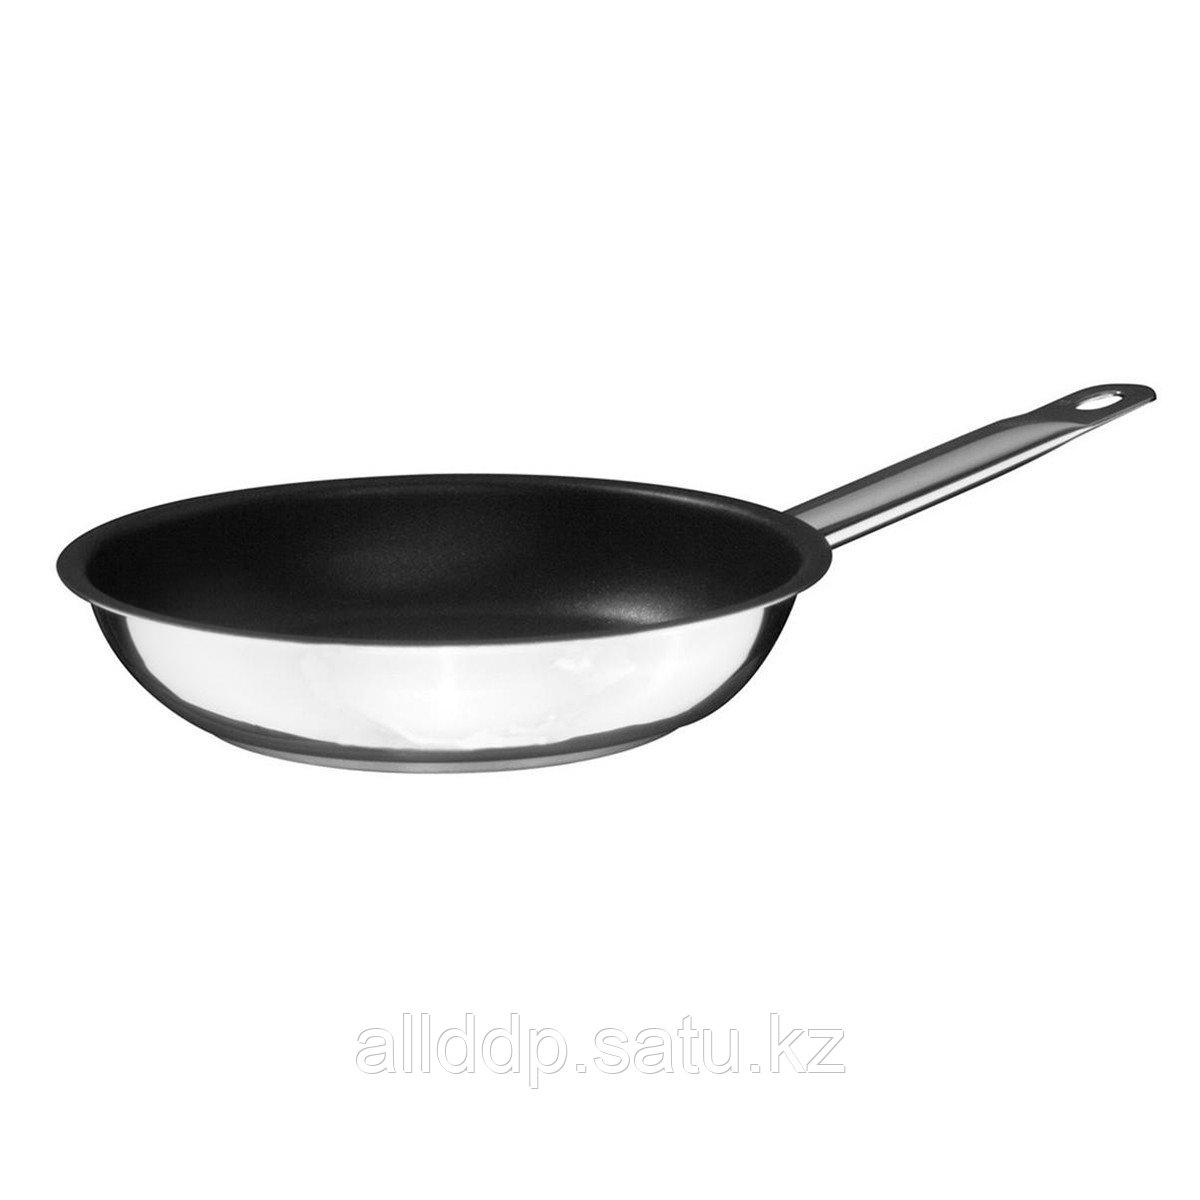 Сковорода профессиональная, 20 см, сталь, тефл.покрытие